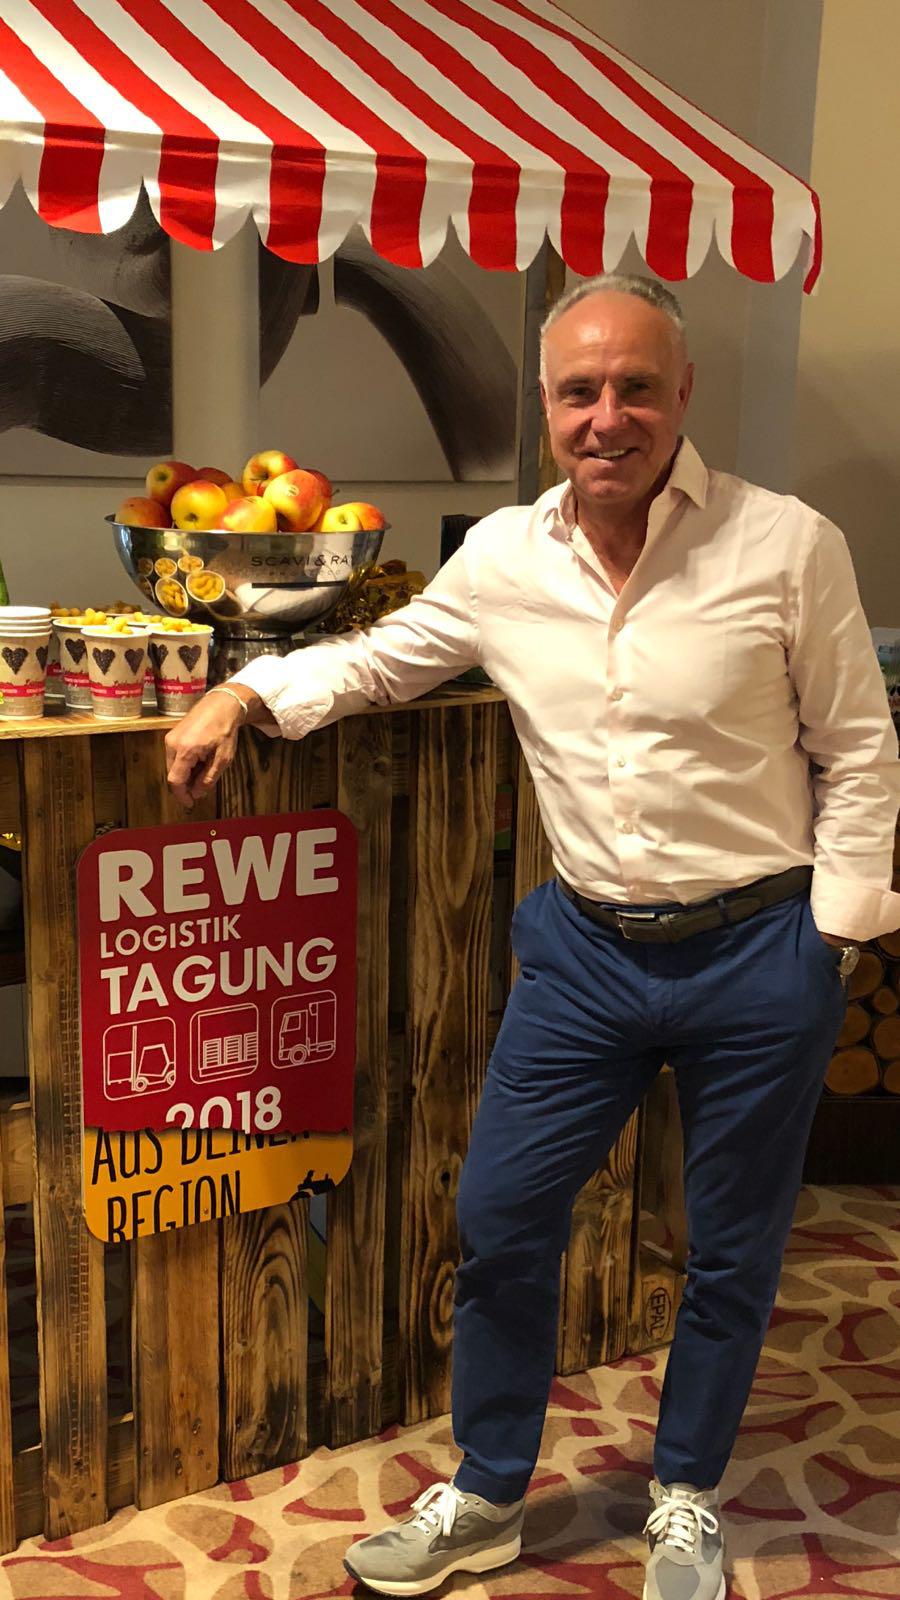 Der Faktor Mensch – Vortrag auf der REWE Logistik Tagung in Berlin